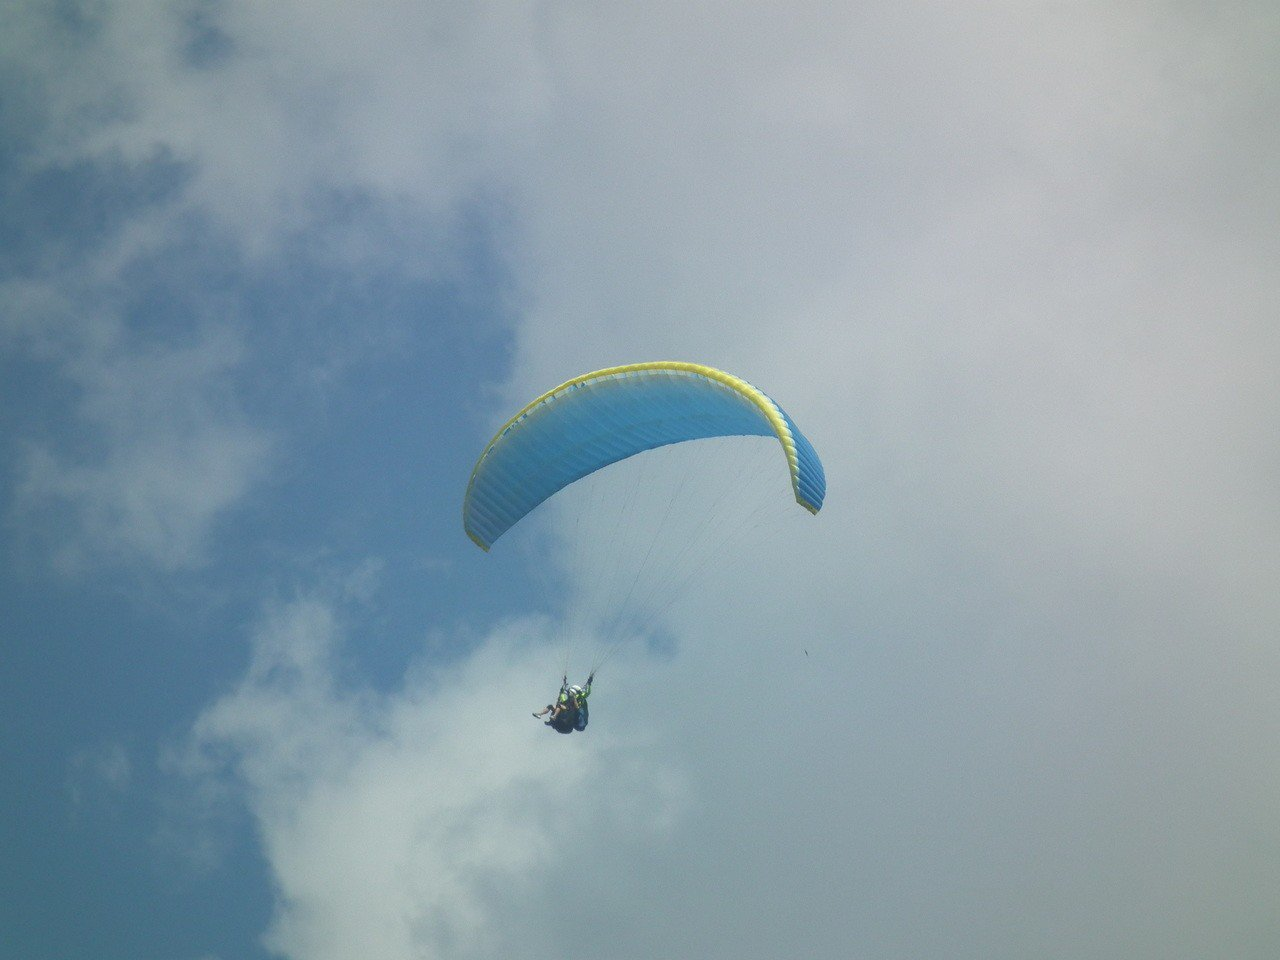 台東鹿野高台飛行傘運動發展多年,主要是以無動力的傘具為主,尤其台東地區氣候穩定,...